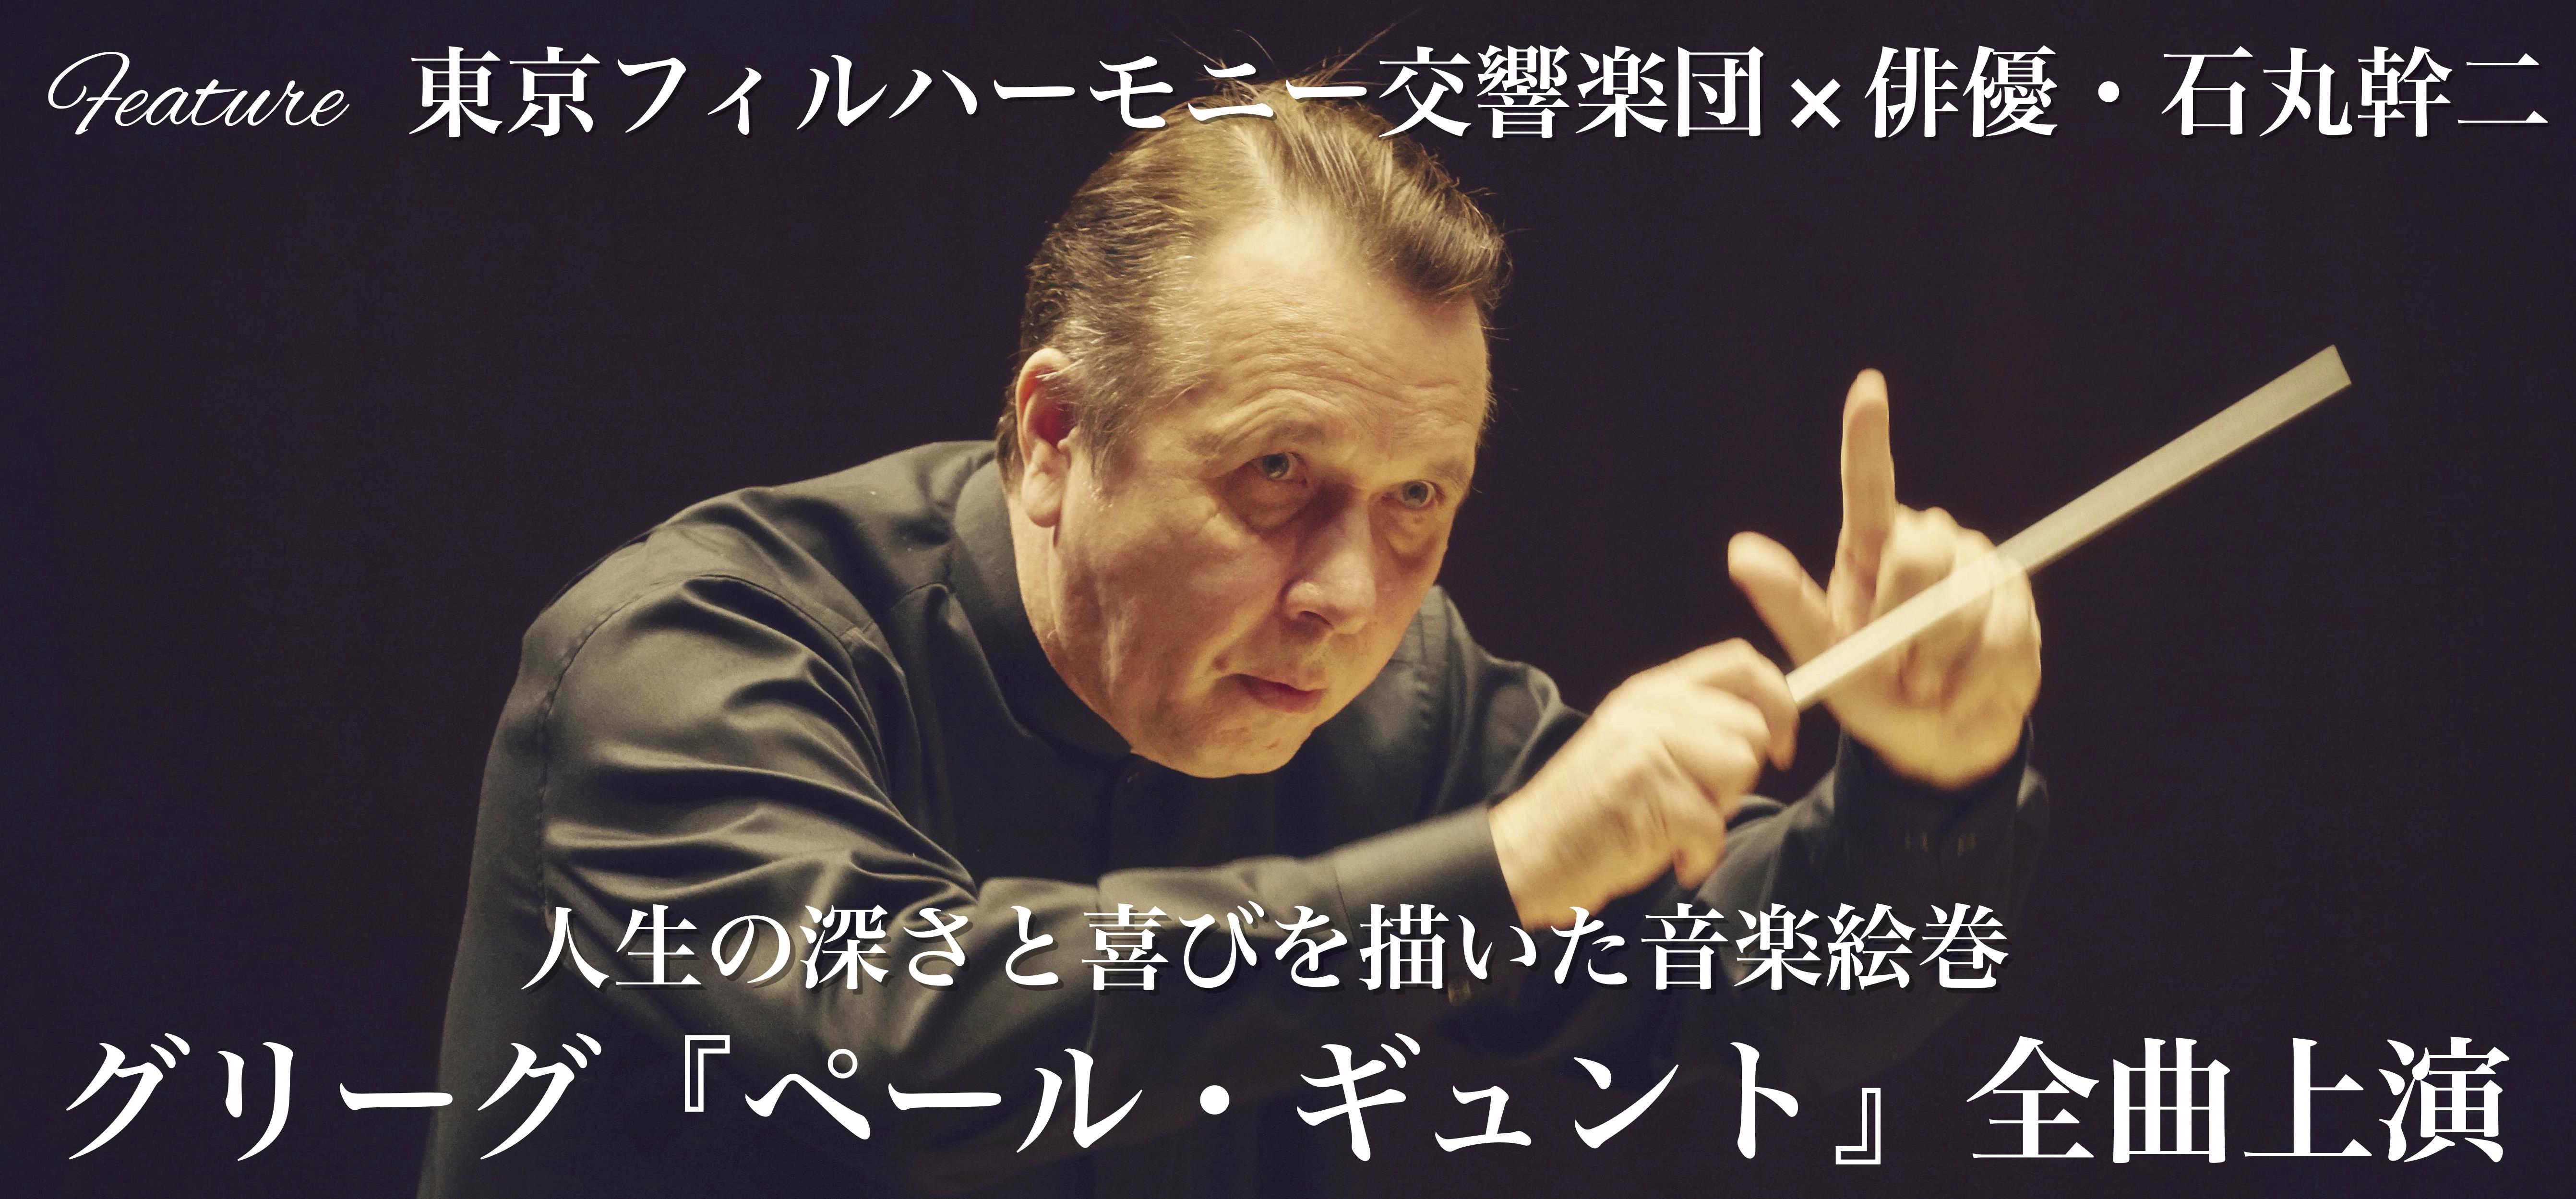 【音楽】人生の深さと喜びを描いた音楽絵巻  東京フィルハーモニー交響楽団 × 俳優・石丸幹二  グリ